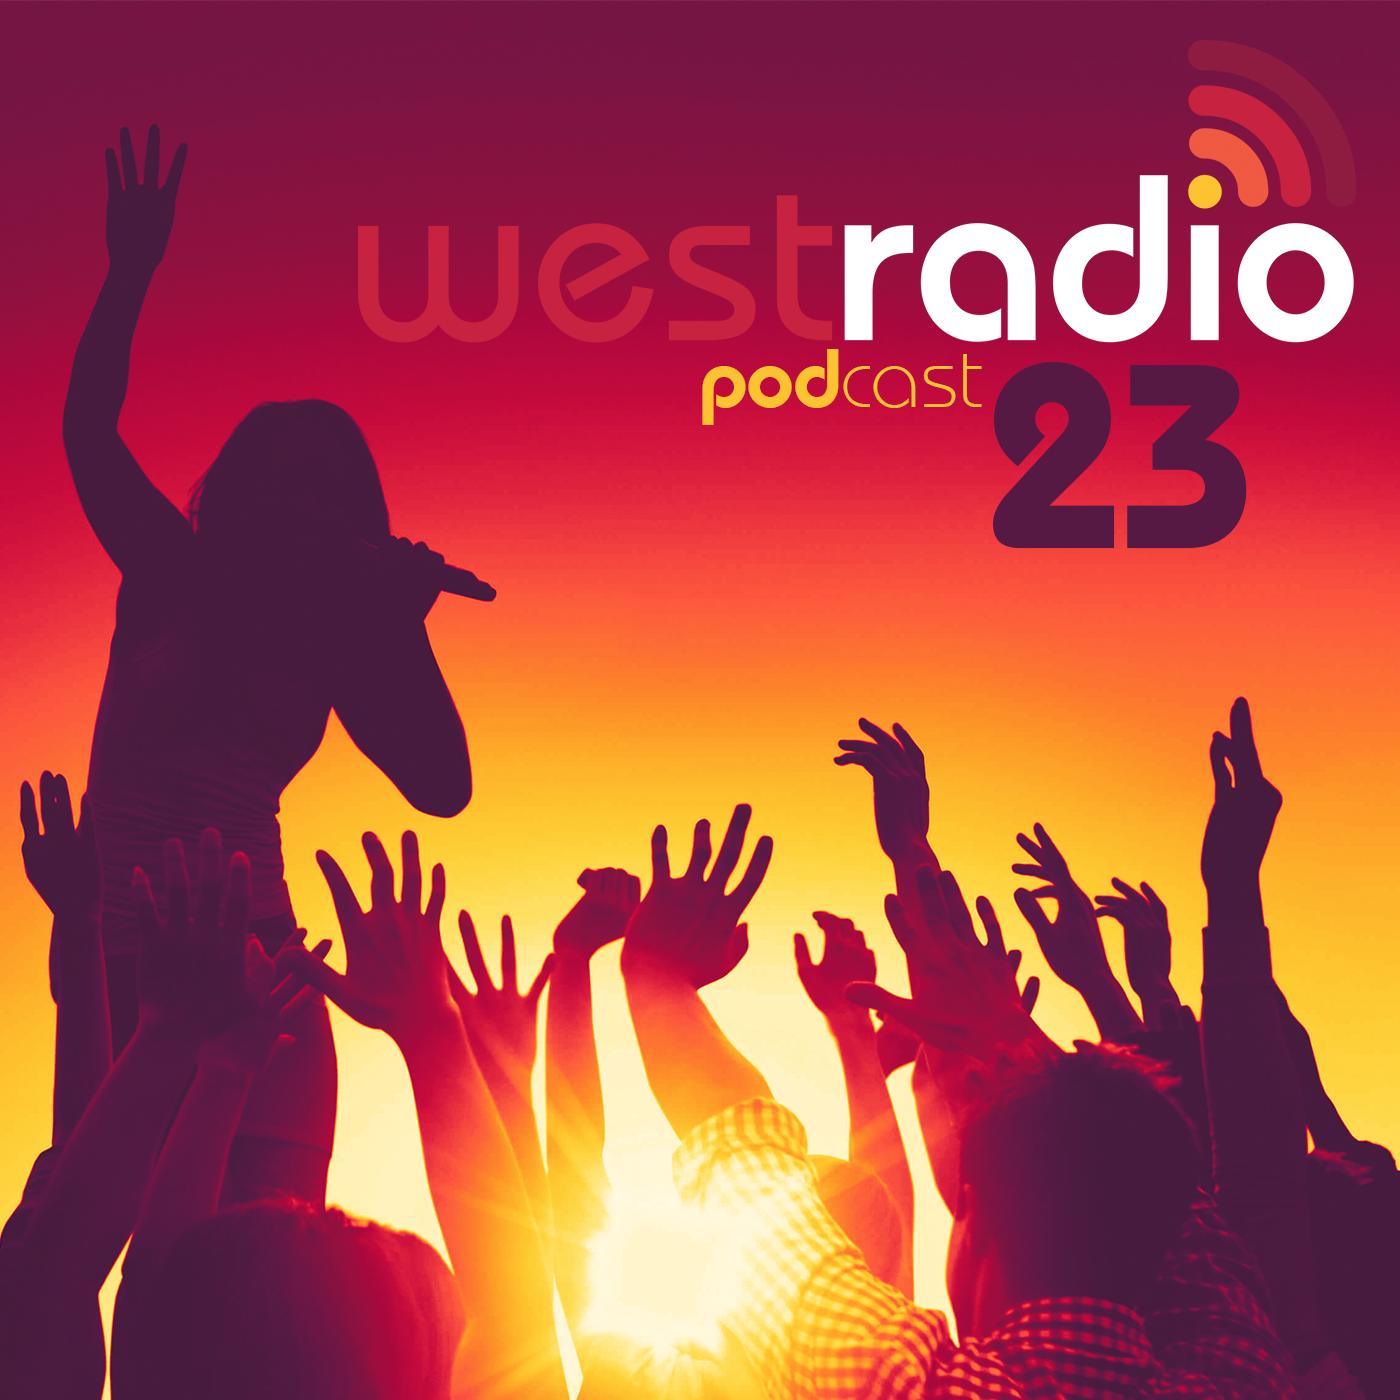 WestRadio - Podcast - 23